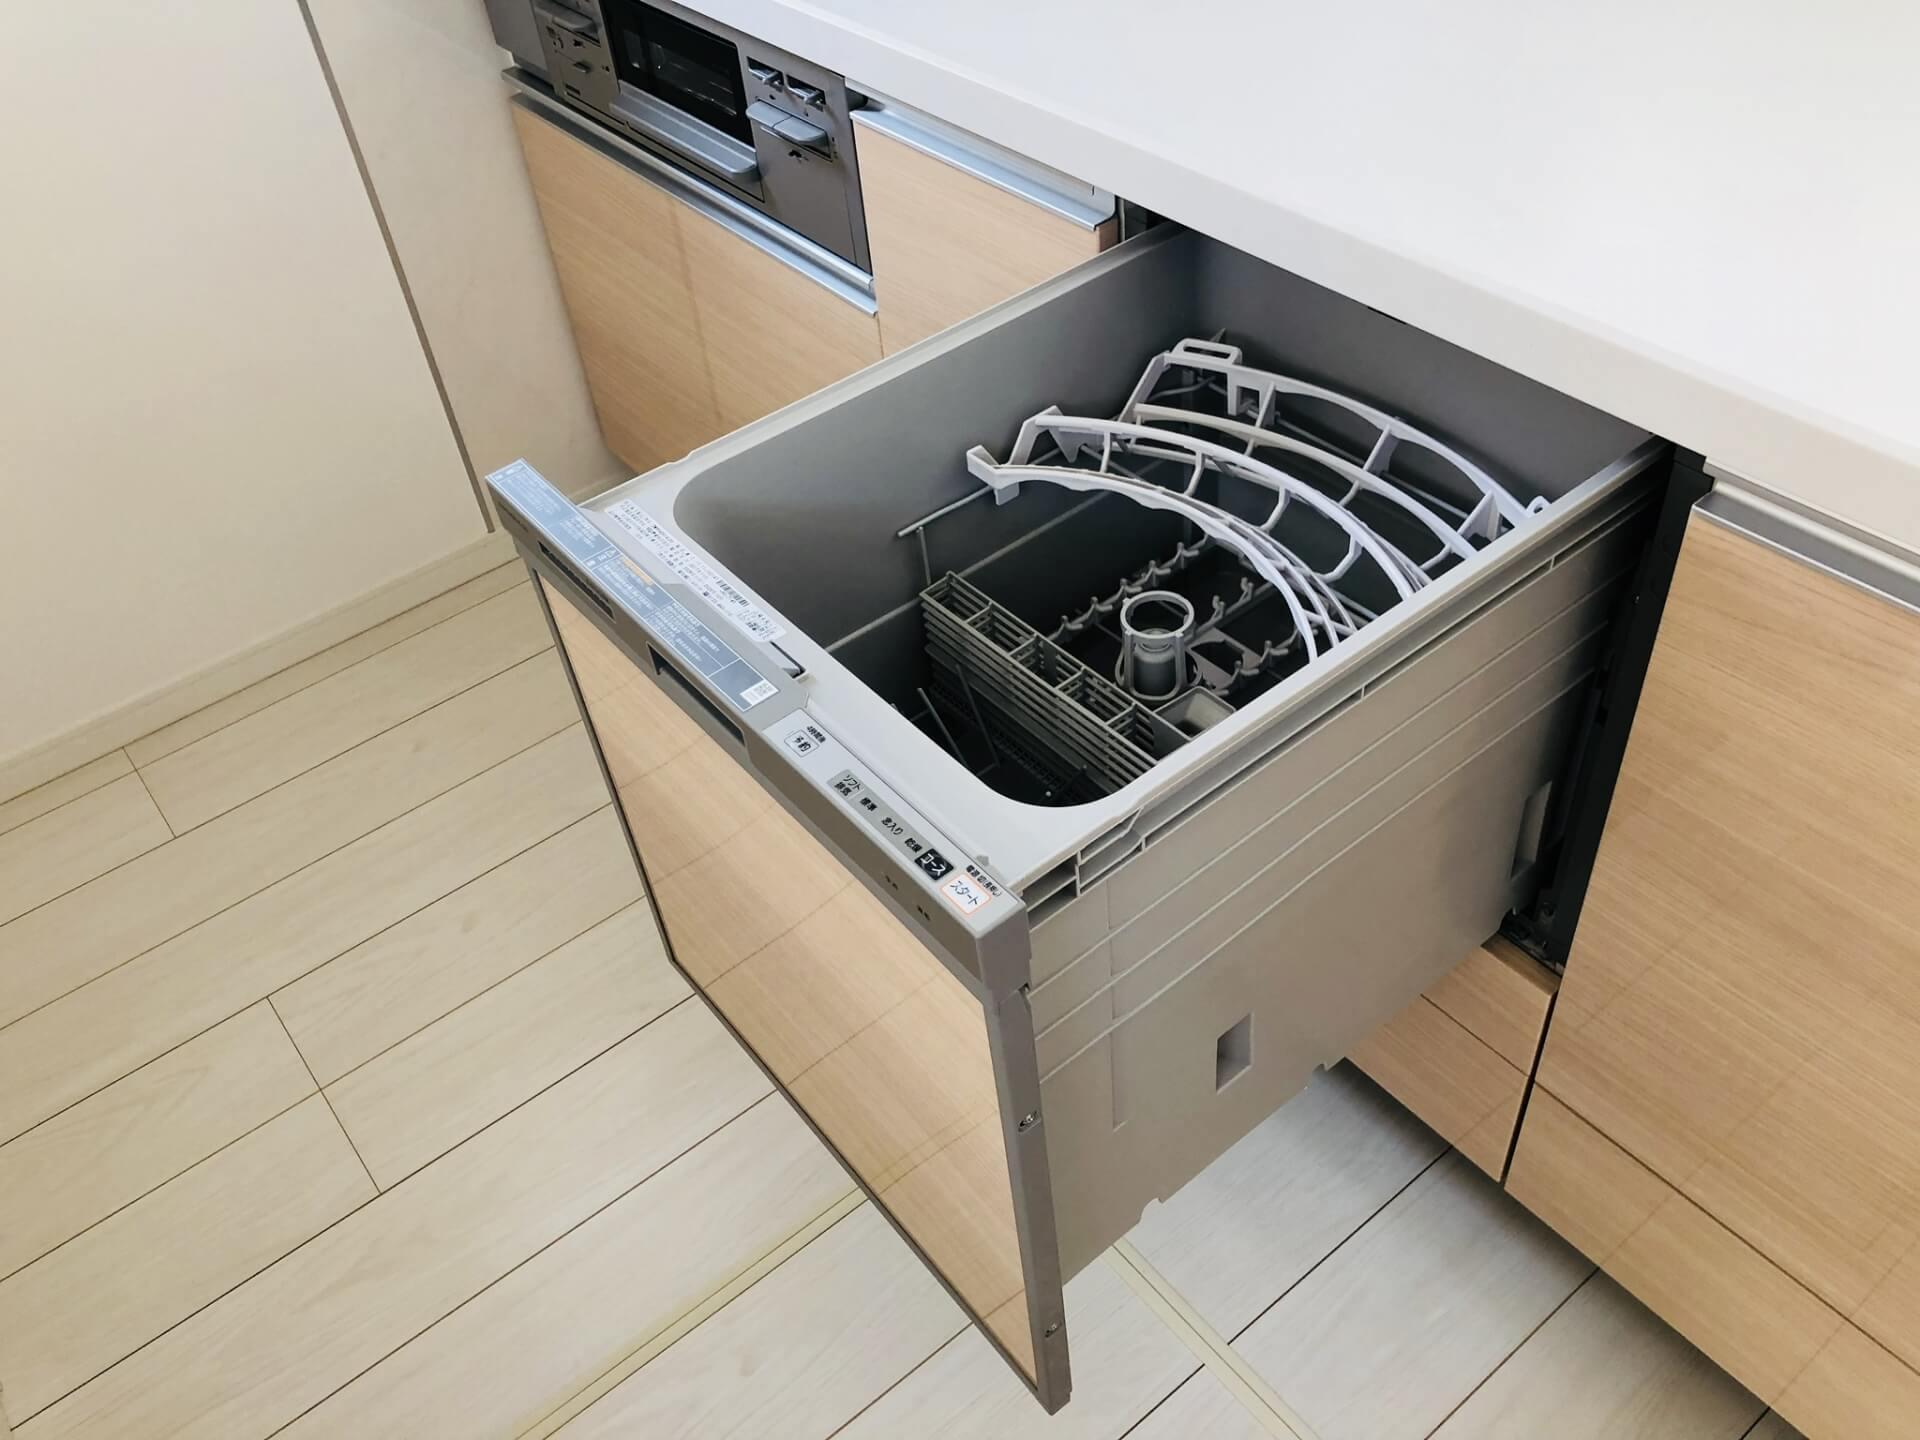 【食洗機 買取】中古の食洗機は売れる!処分する前に知っておきたいこと